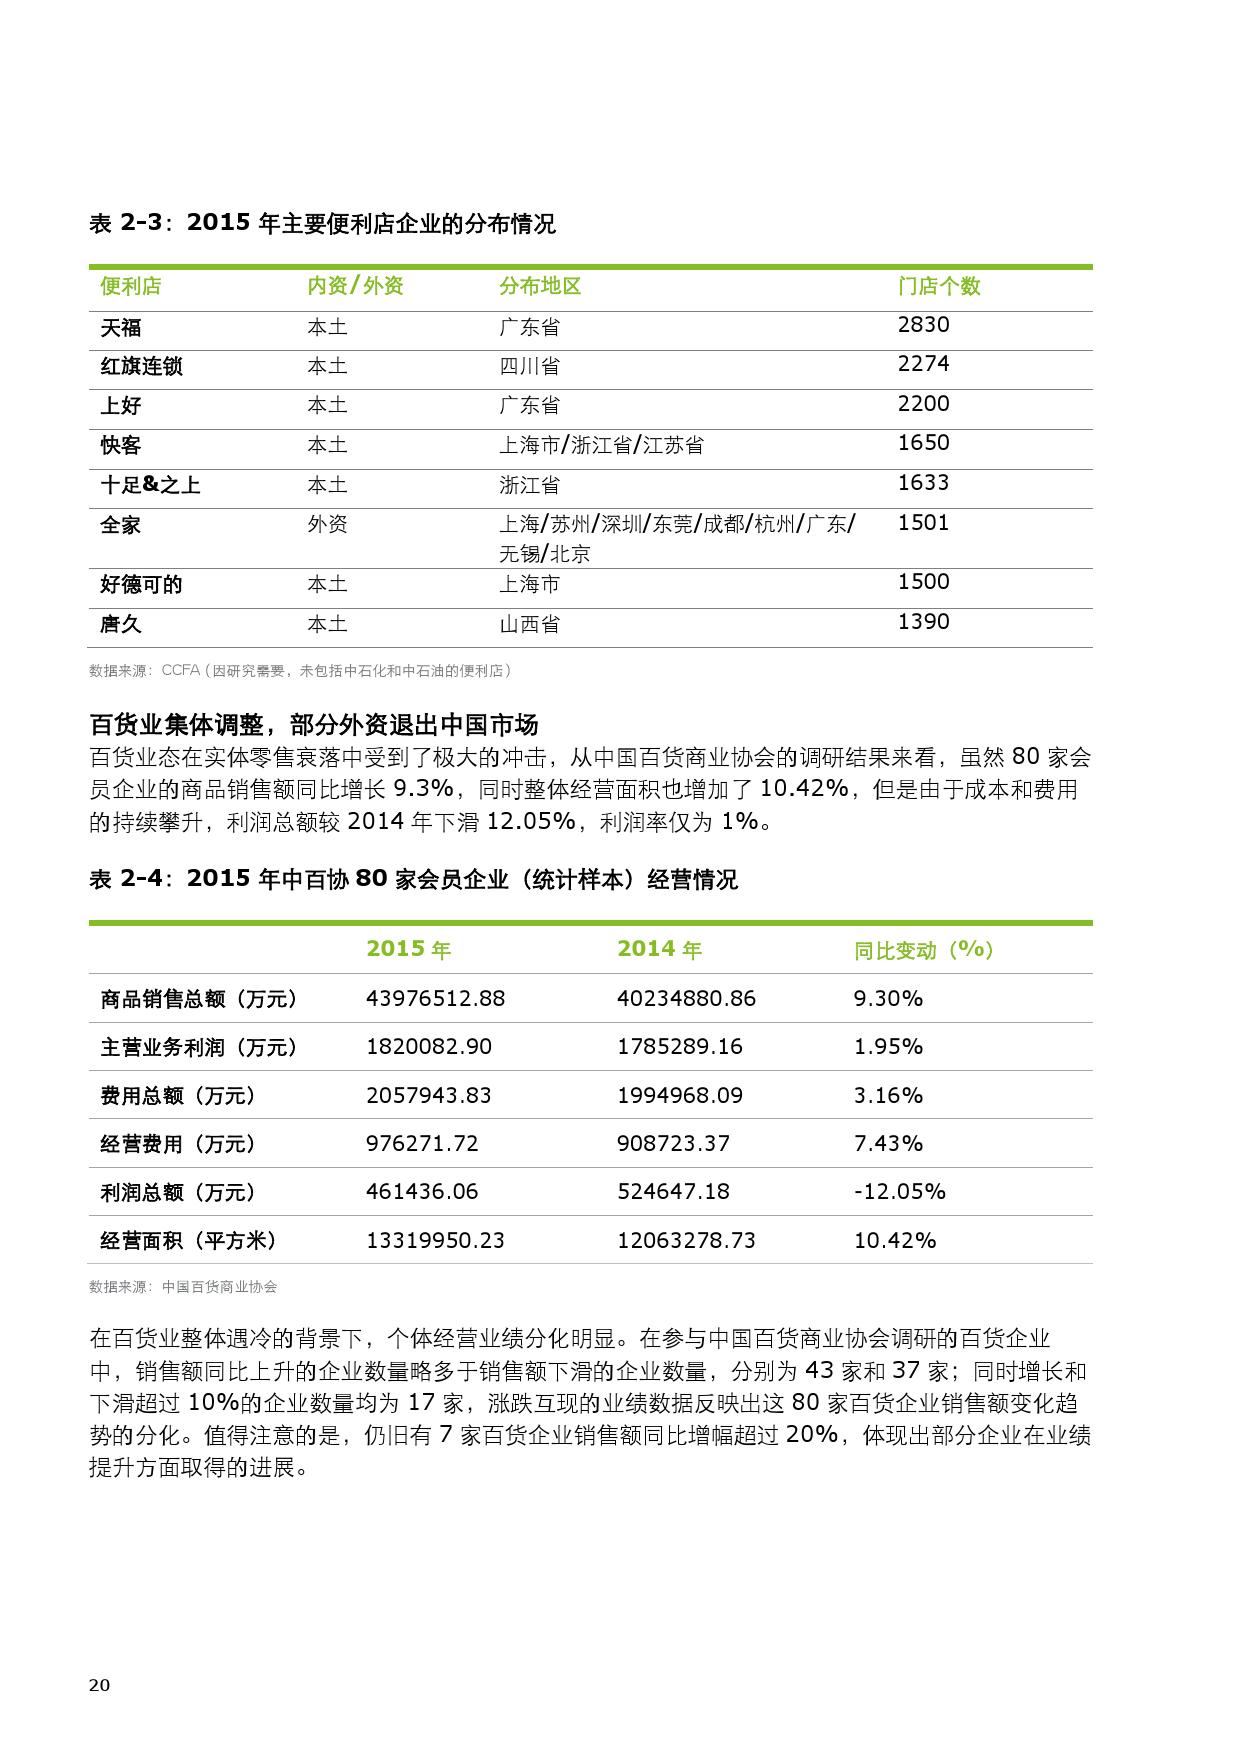 2015中国零售产业投资促进报告_000028